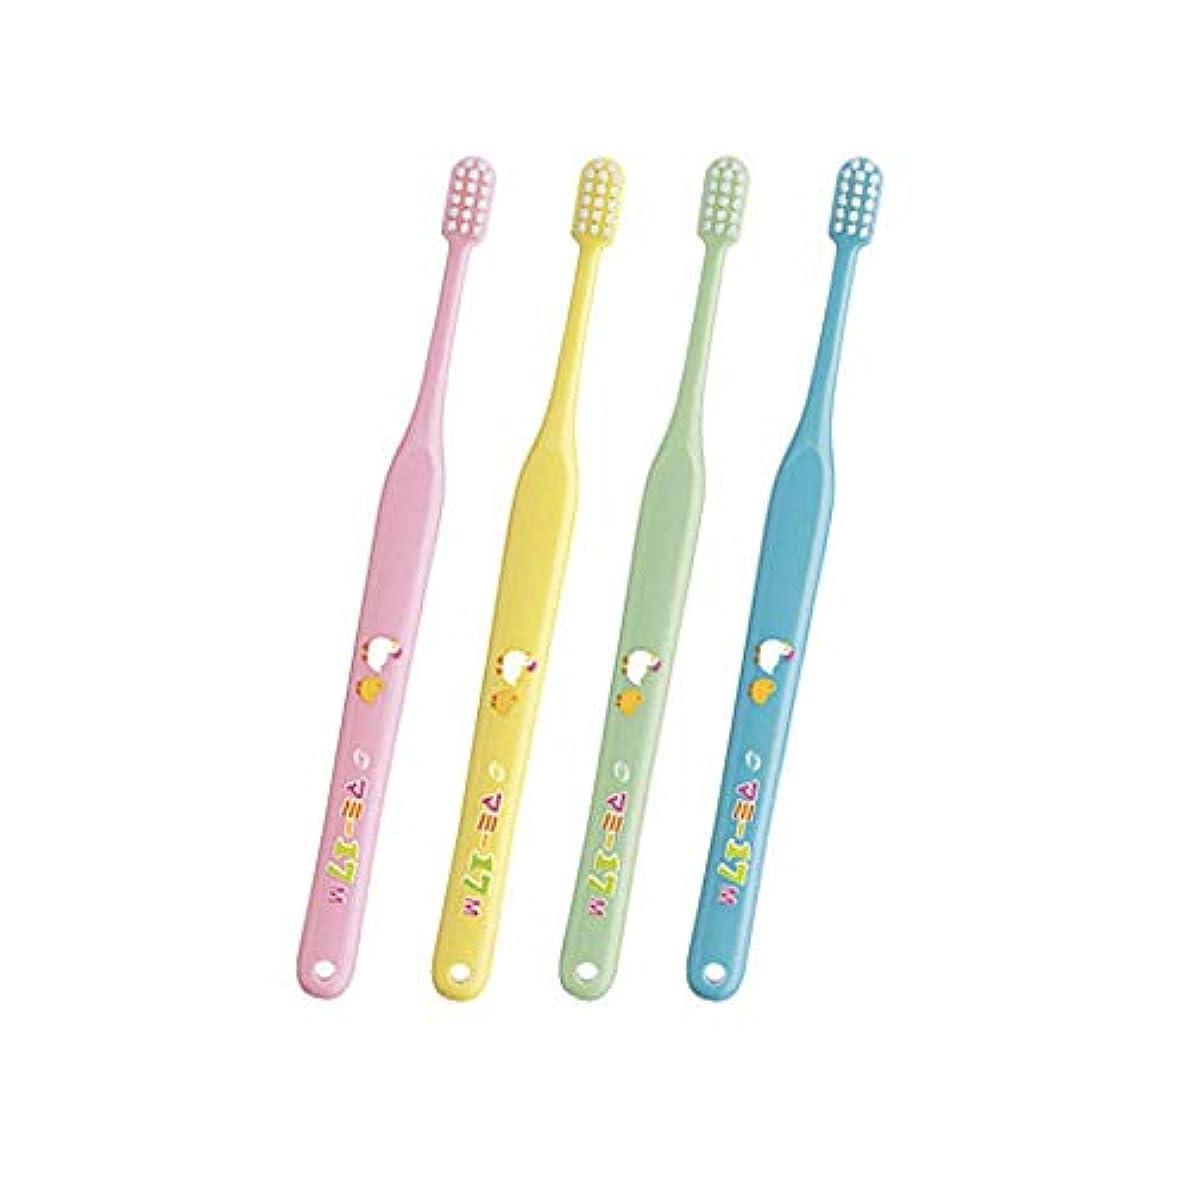 しおれた名義で欲しいですオーラルケア マミー17歯ブラシ 10本 アソート ミディアム(M)